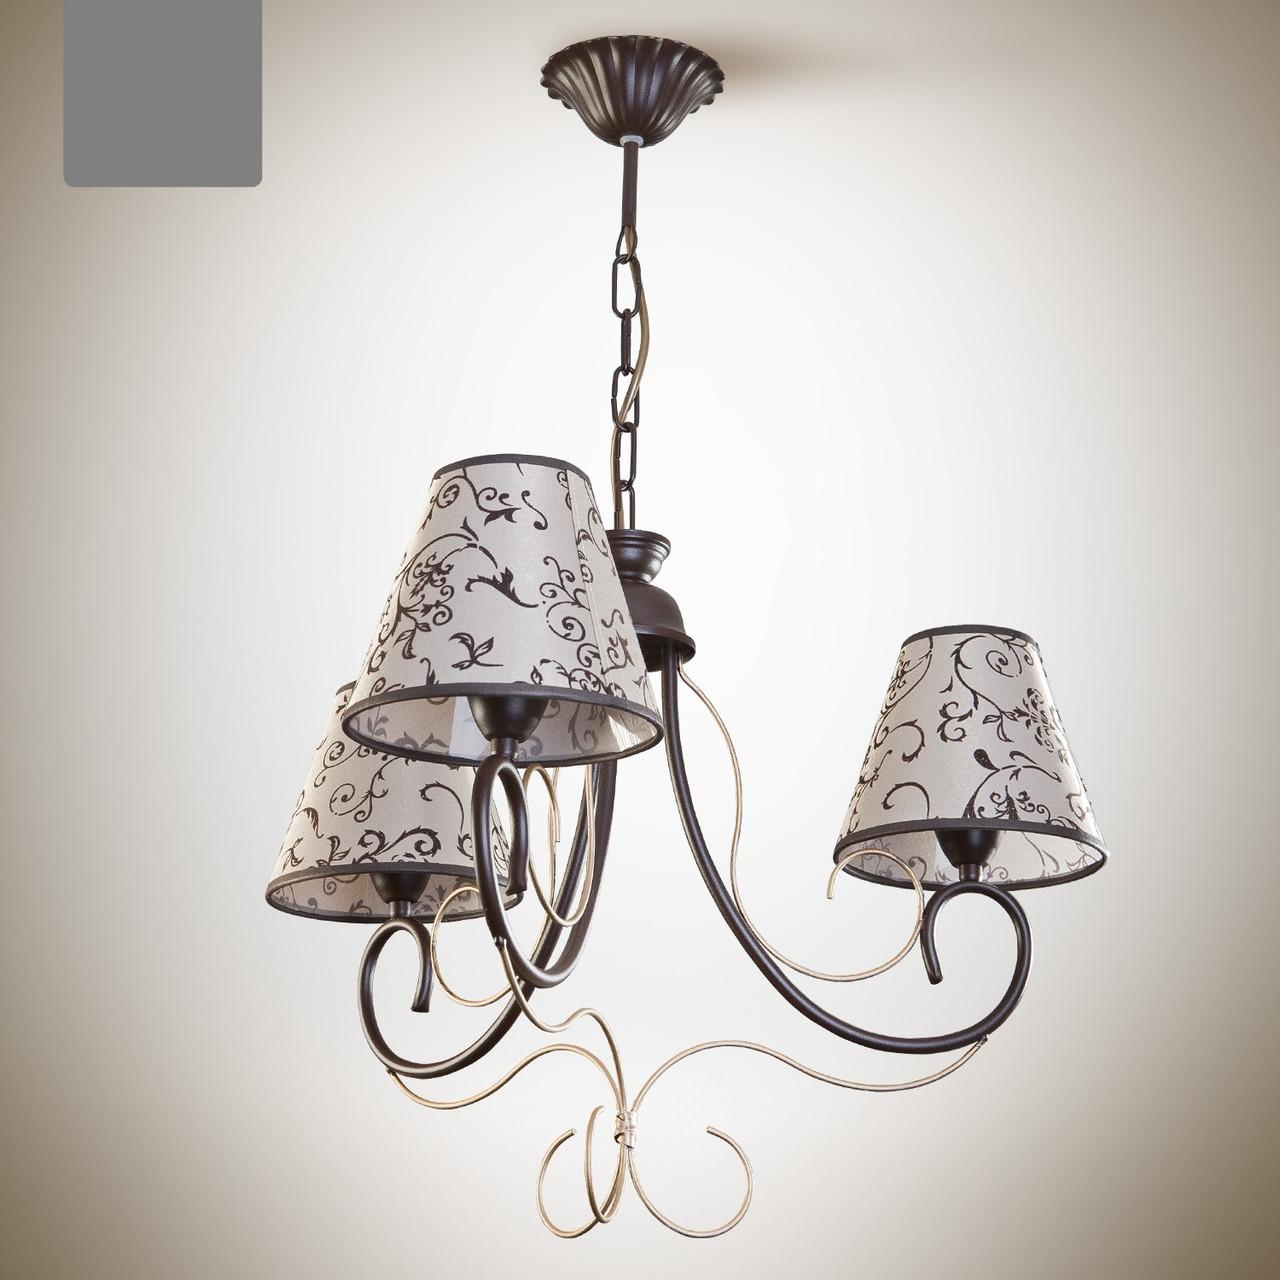 Люстра для спальни, 3-х ламповая в классическом стиле, с абажурами  6203